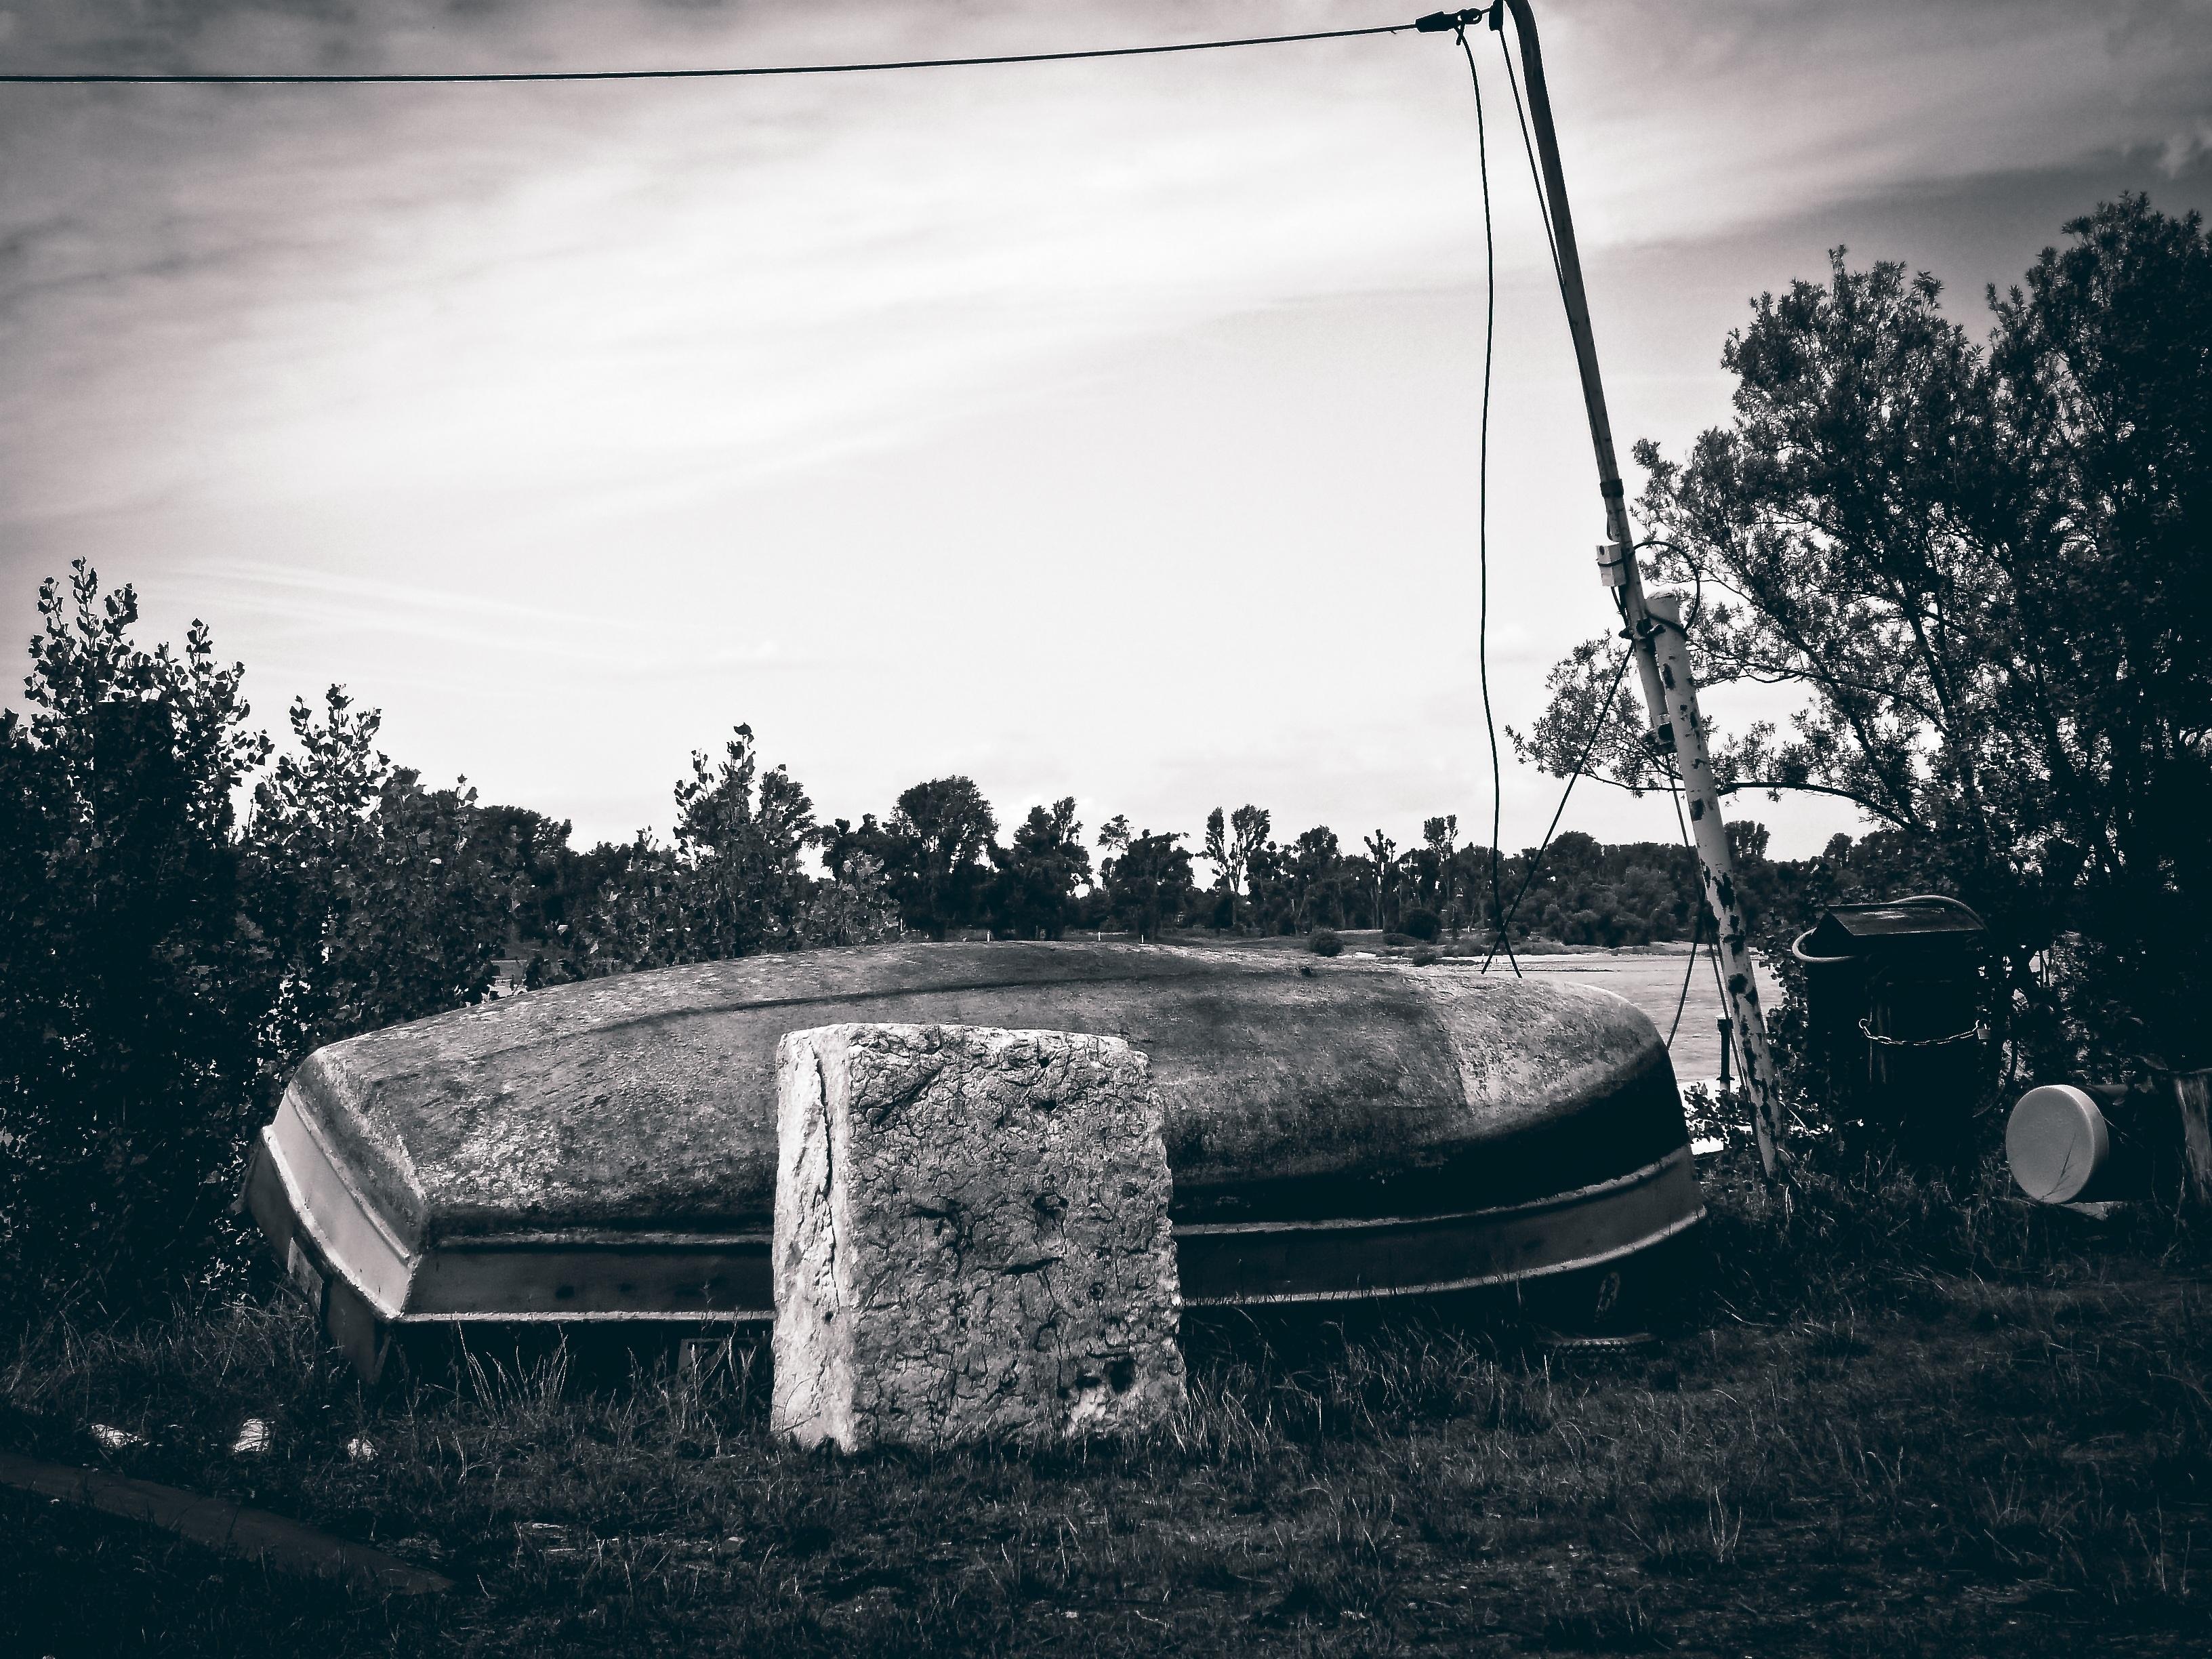 7361452a35 paysage la nature noir et blanc blanc la photographie vieux démarrage  réflexion véhicule pourriture noir Monochrome